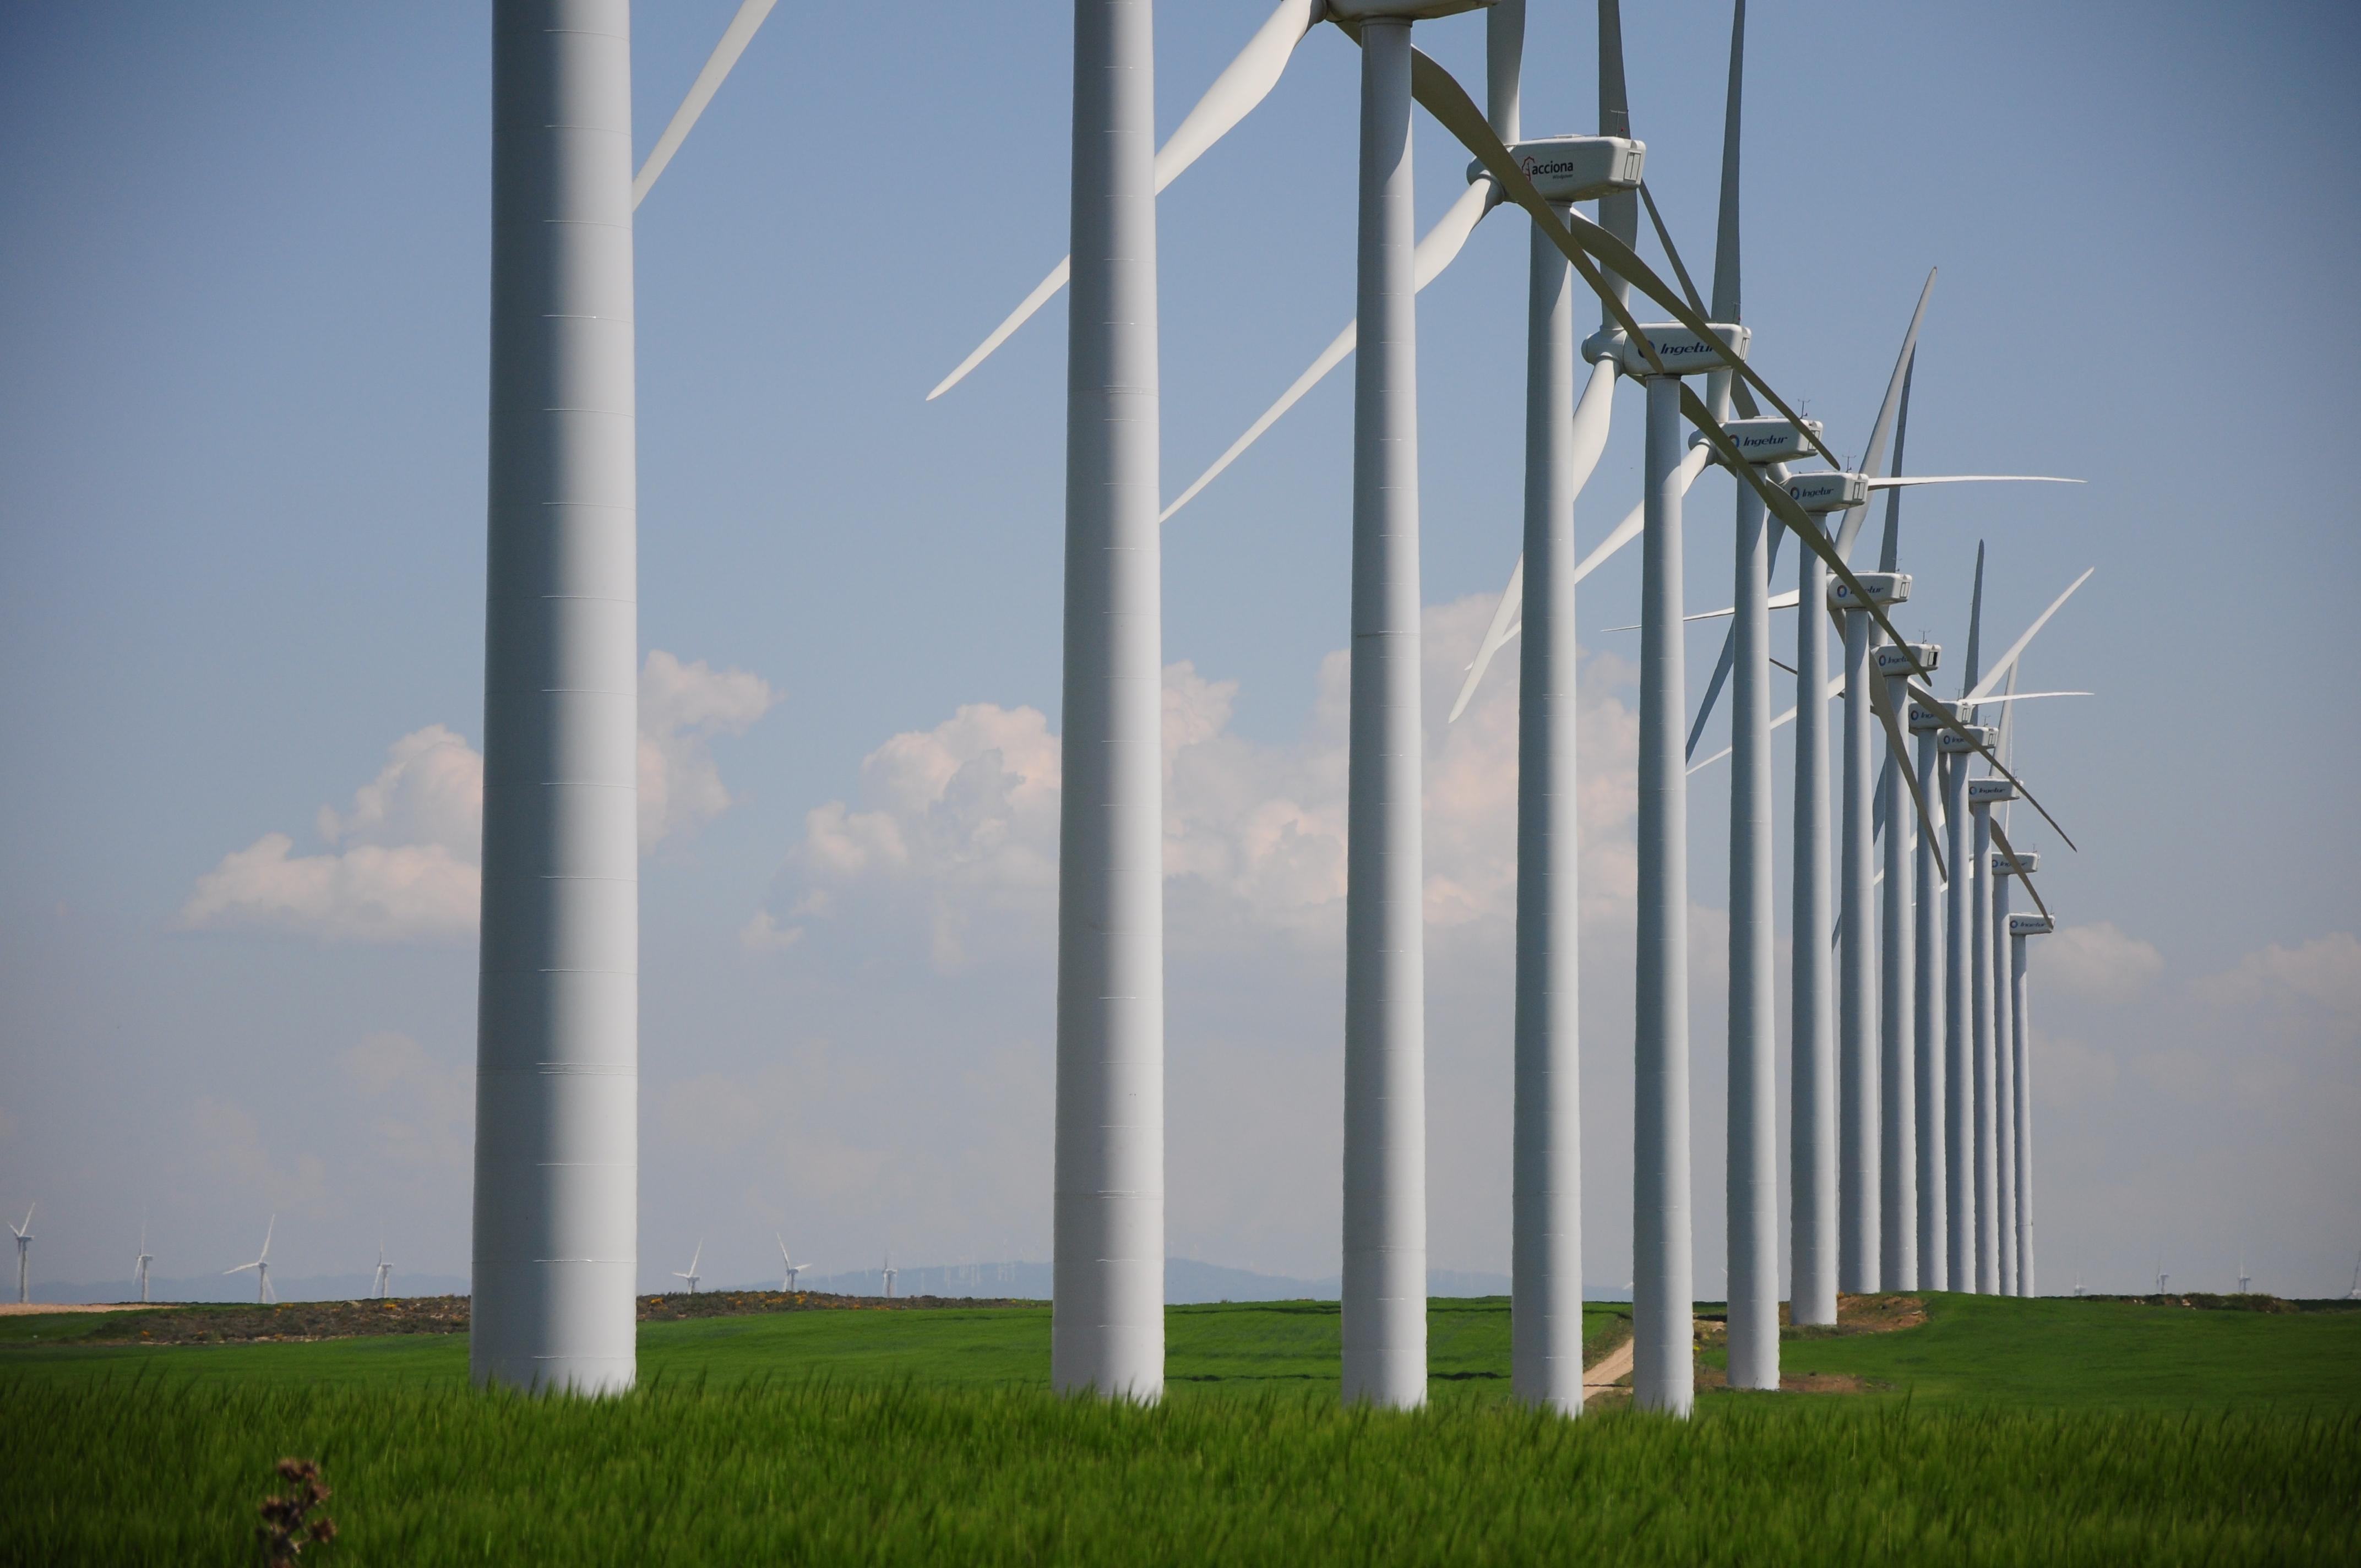 Eólica en Rumania: Enel Green Power conecta tres nuevos parques eólicos con 83 aerogeneradores